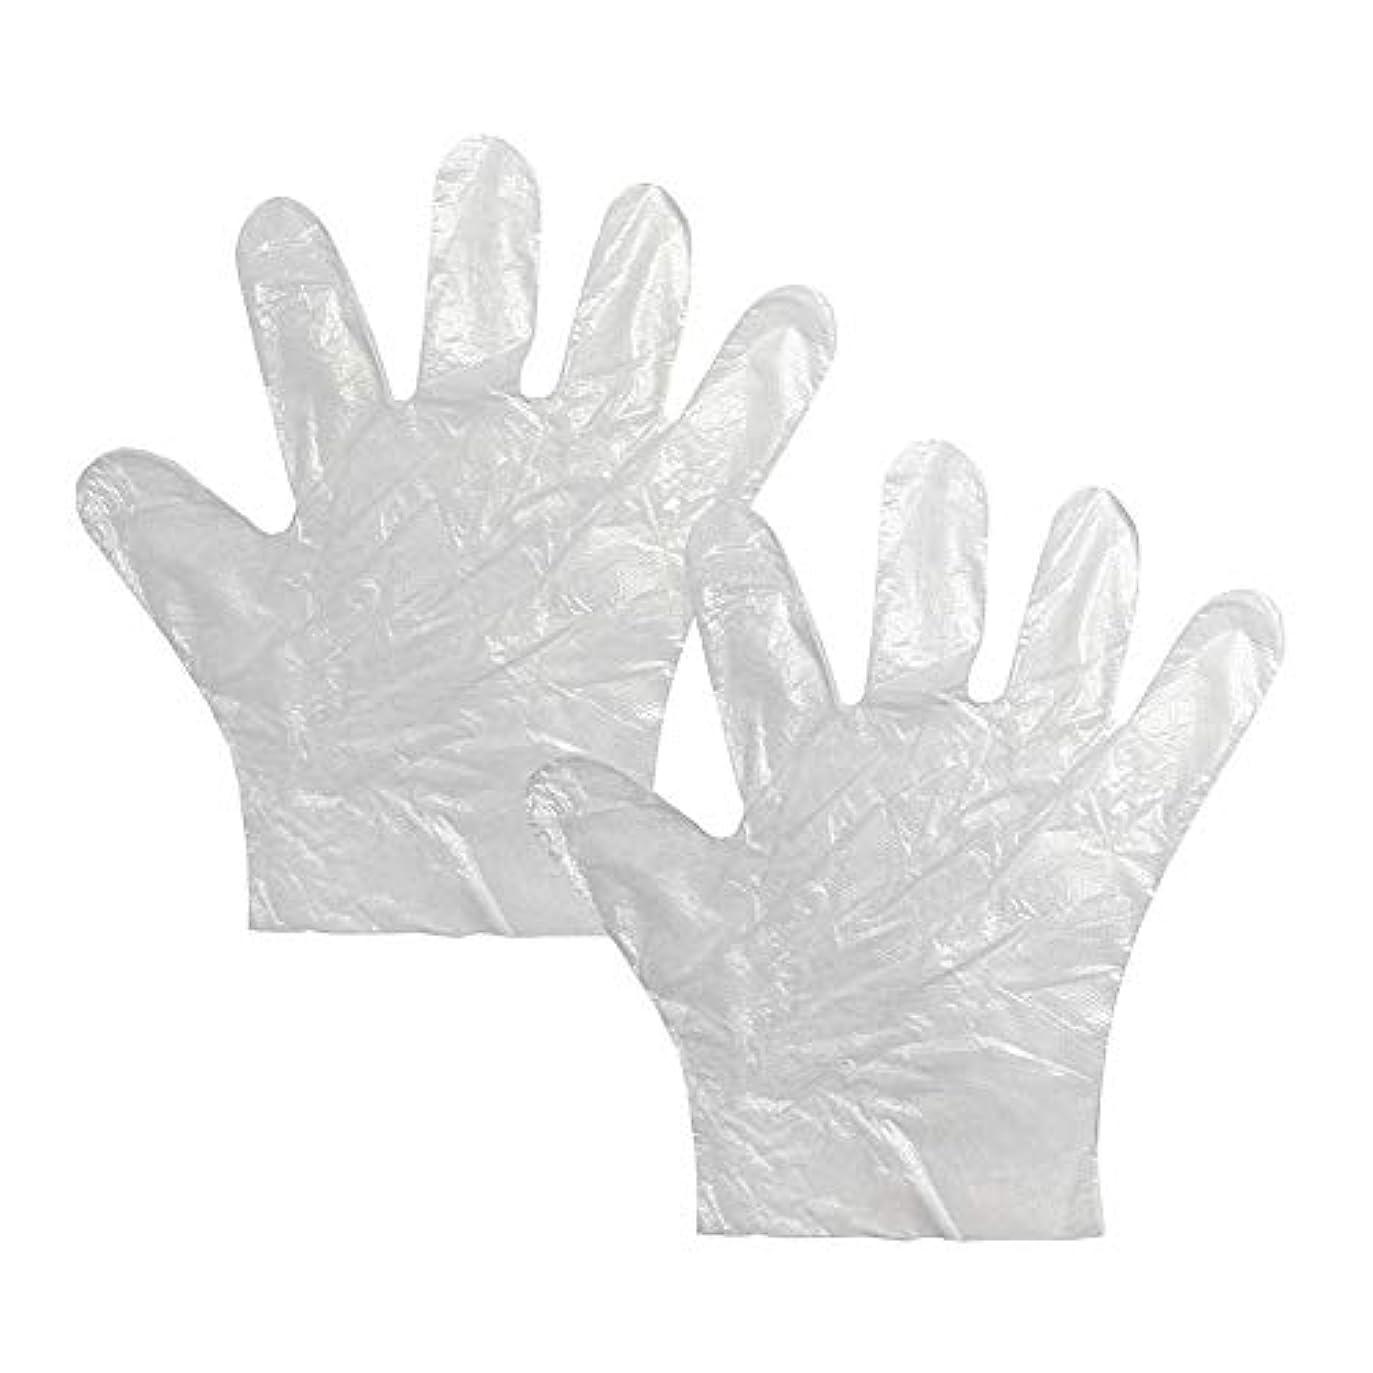 恩恵麻酔薬推測するKUKUYA(ククヤ) 使い捨て手袋 極薄ビニール手袋 ポリエチレン 透明 実用 衛生 100枚*2セット